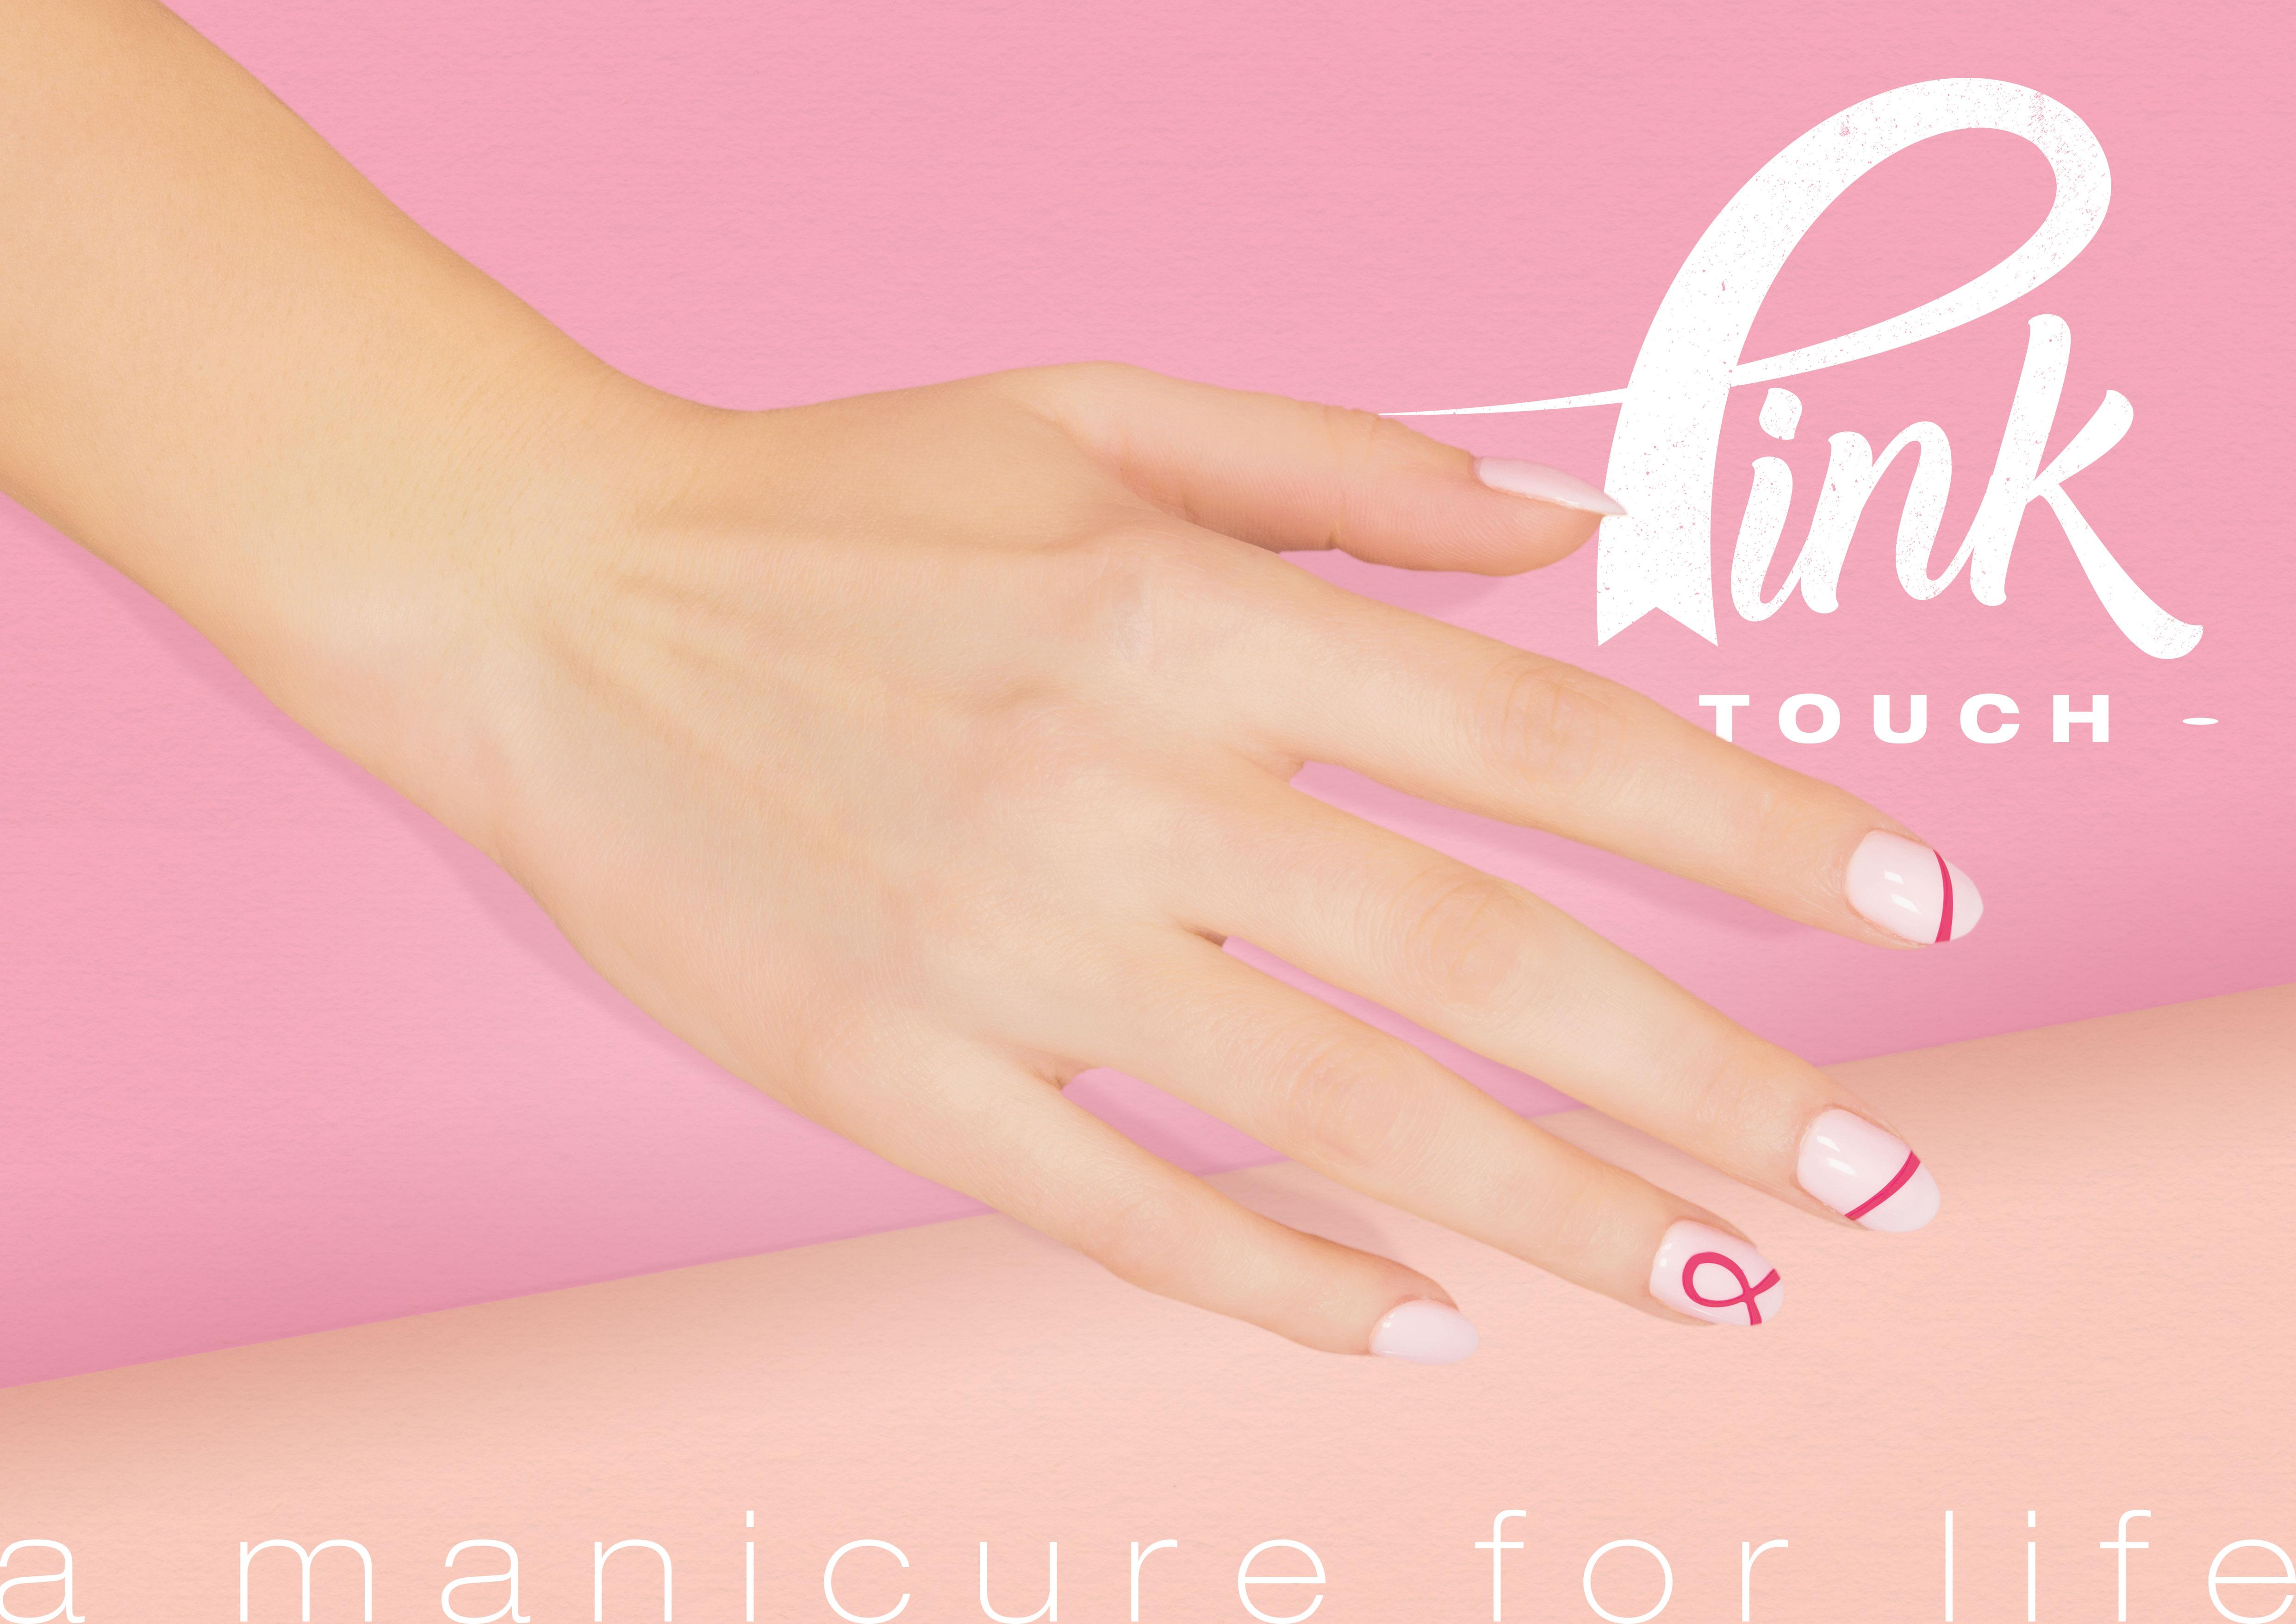 Manichiura Pink Touch sau manichiura care îți amintește de controlul sânilor